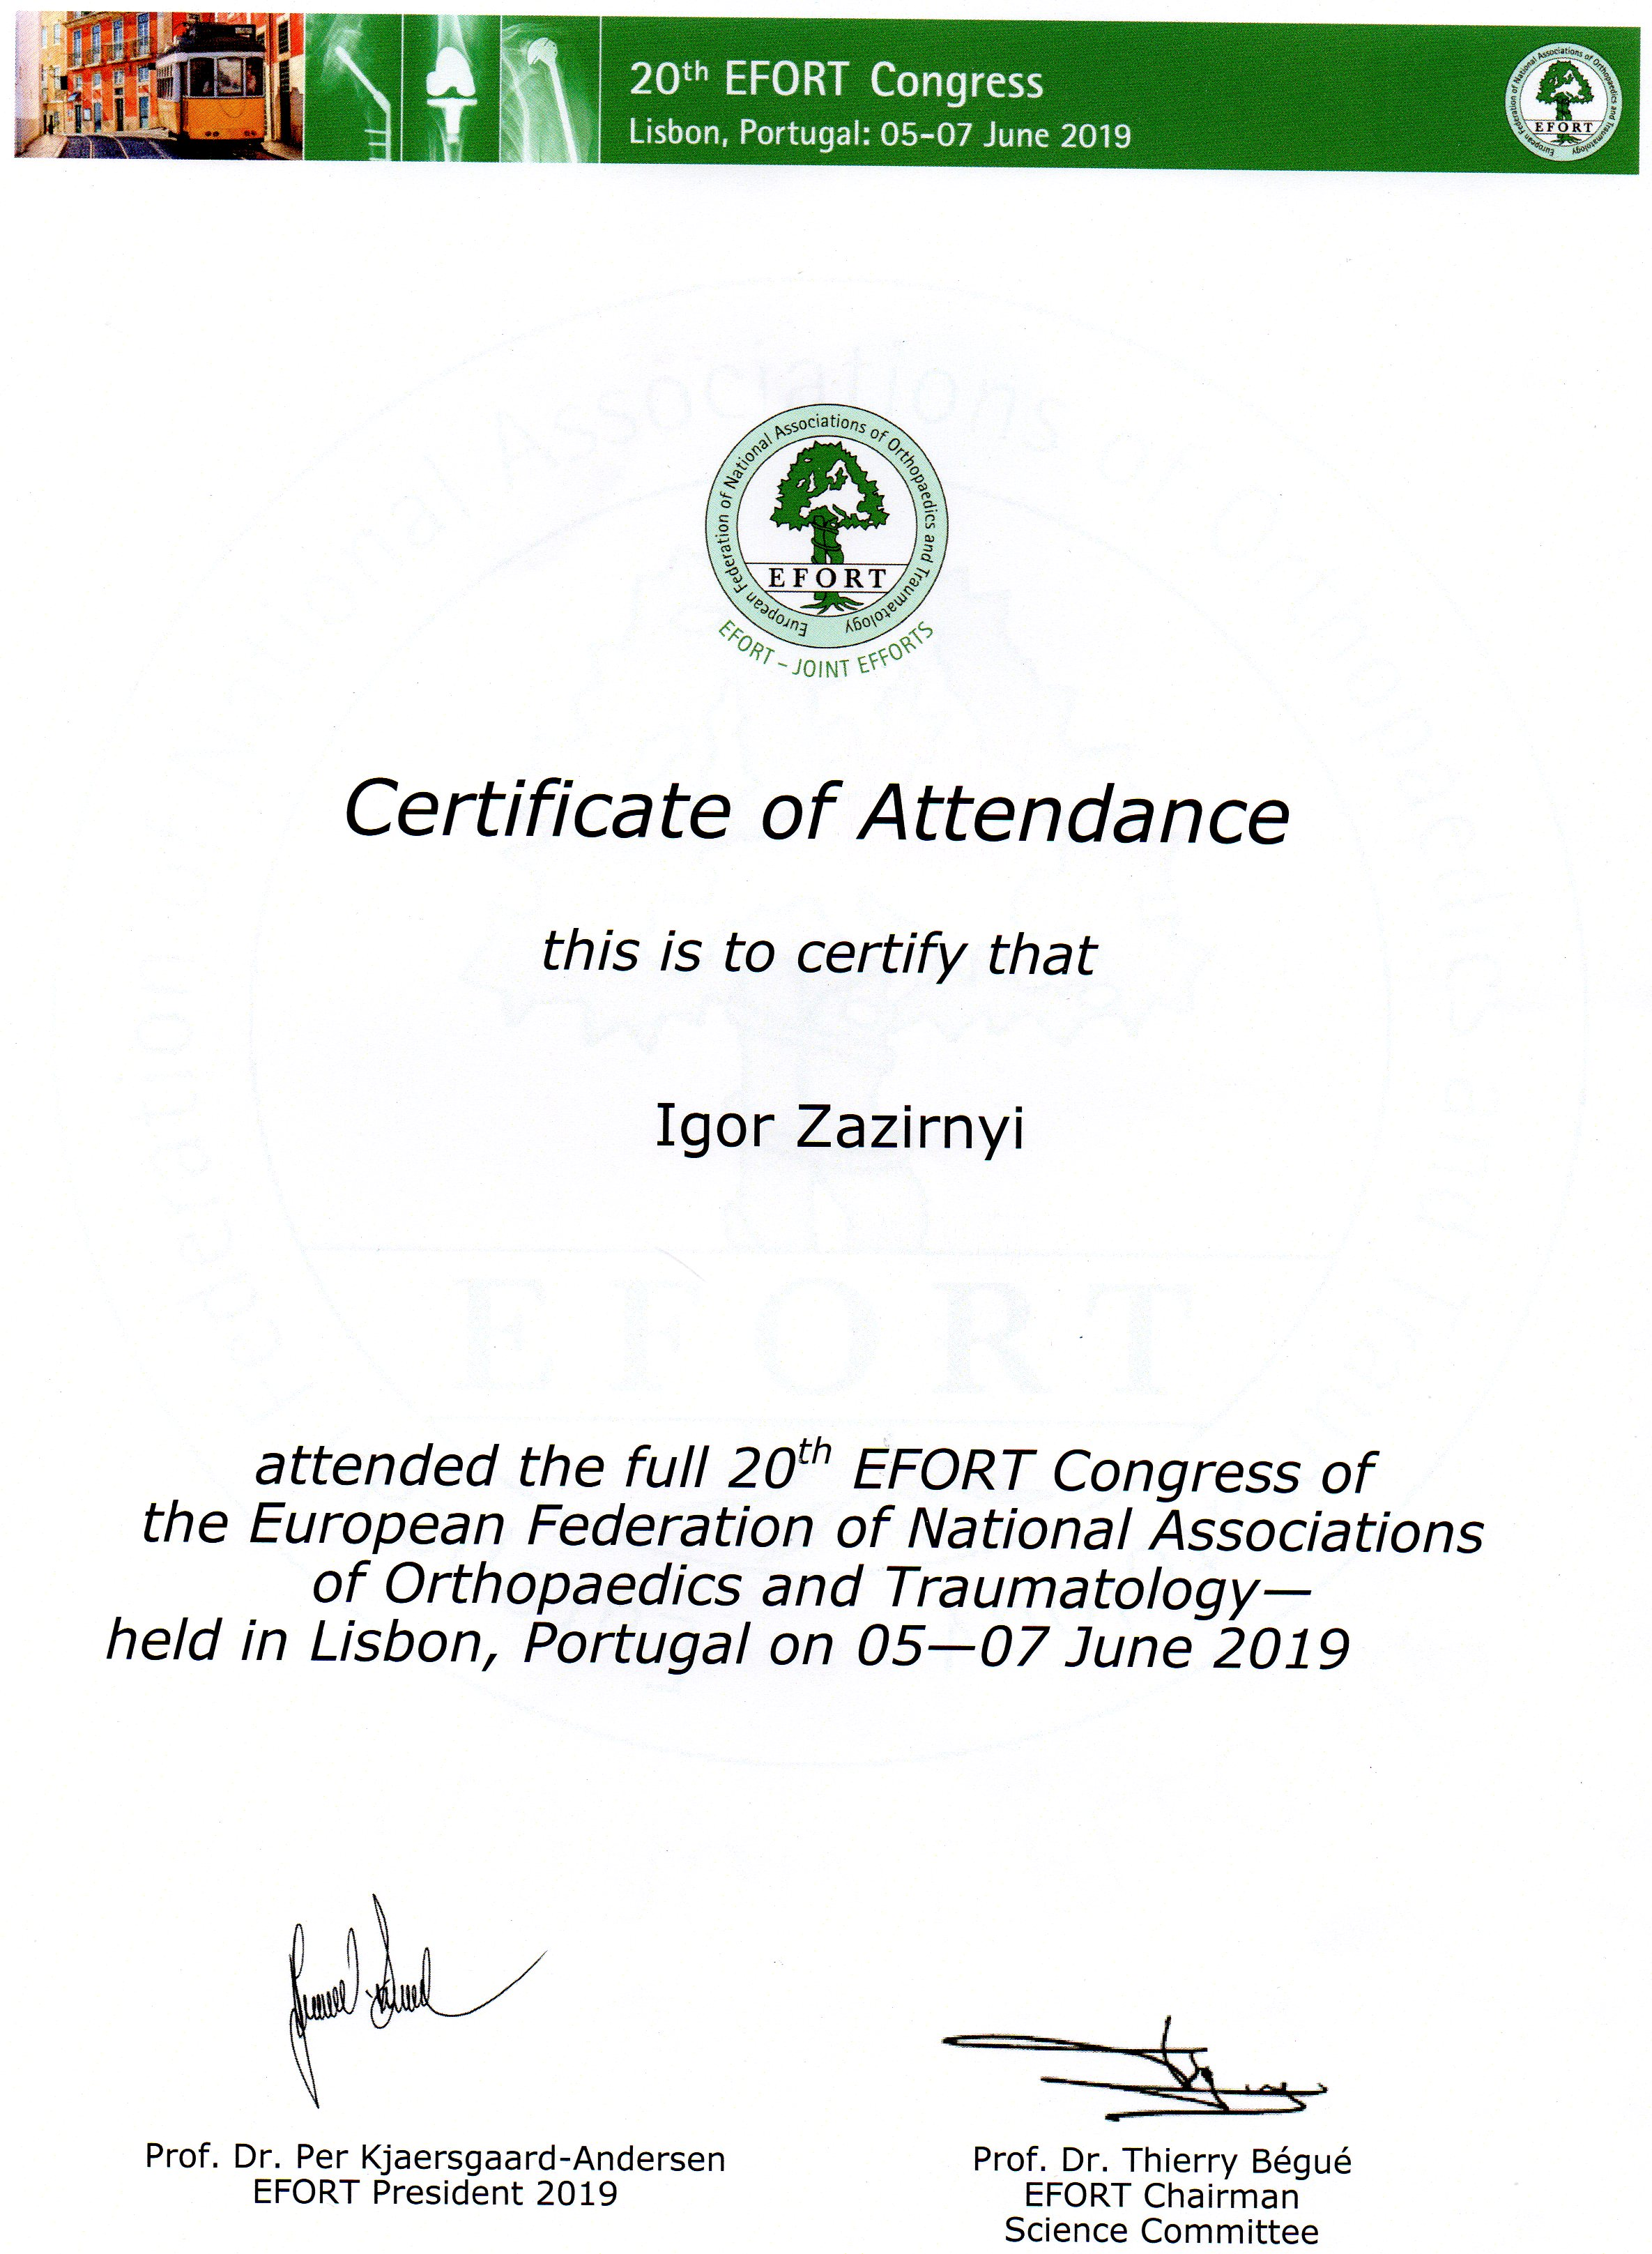 Диплом участника европейского ортопедического конгресса в Лиссабоне, июнь 2019